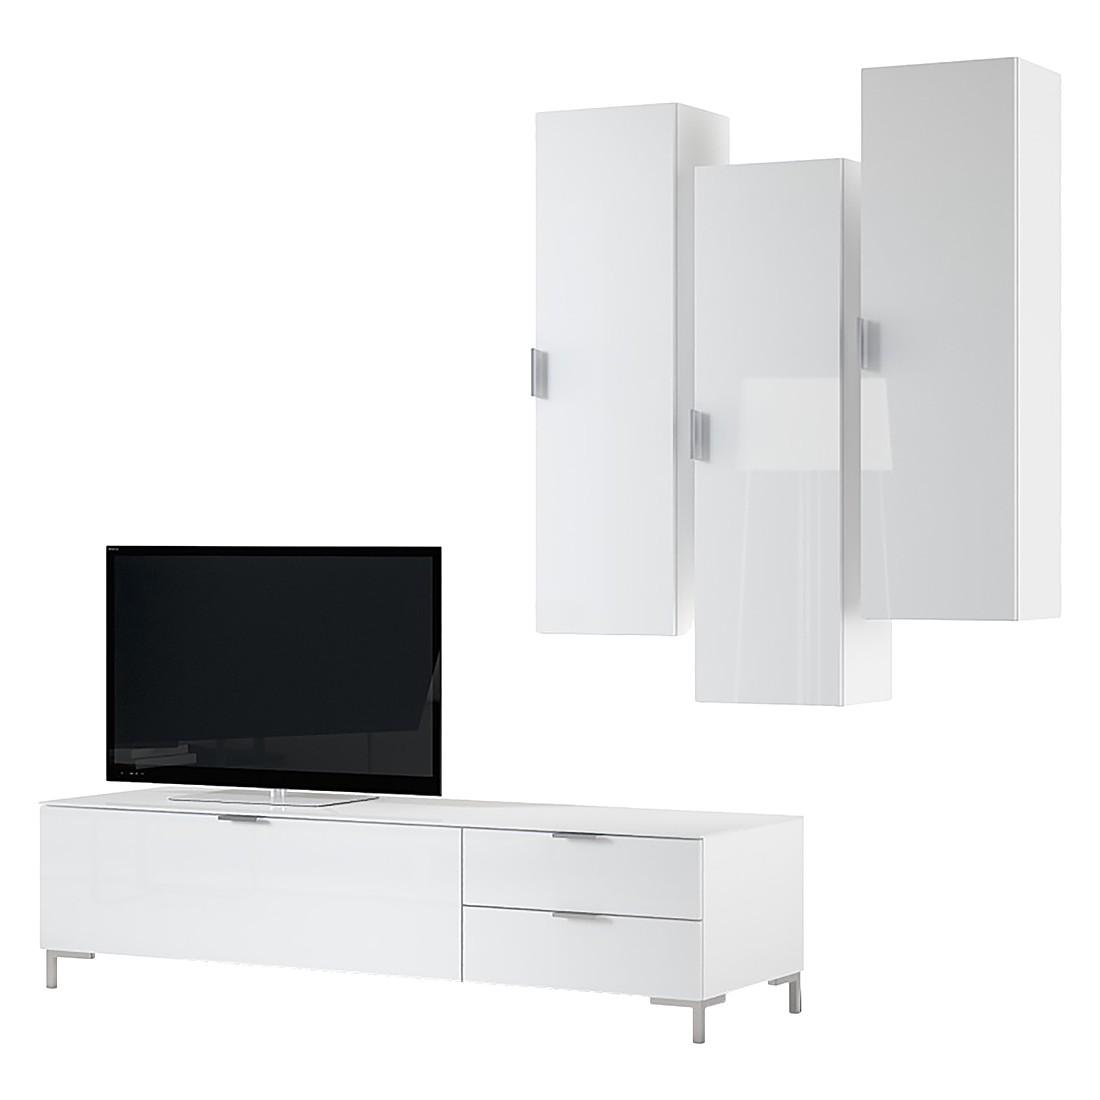 Ensemble de meubles TV Cleo I (4 éléments) - Blanc, Cs Schmal